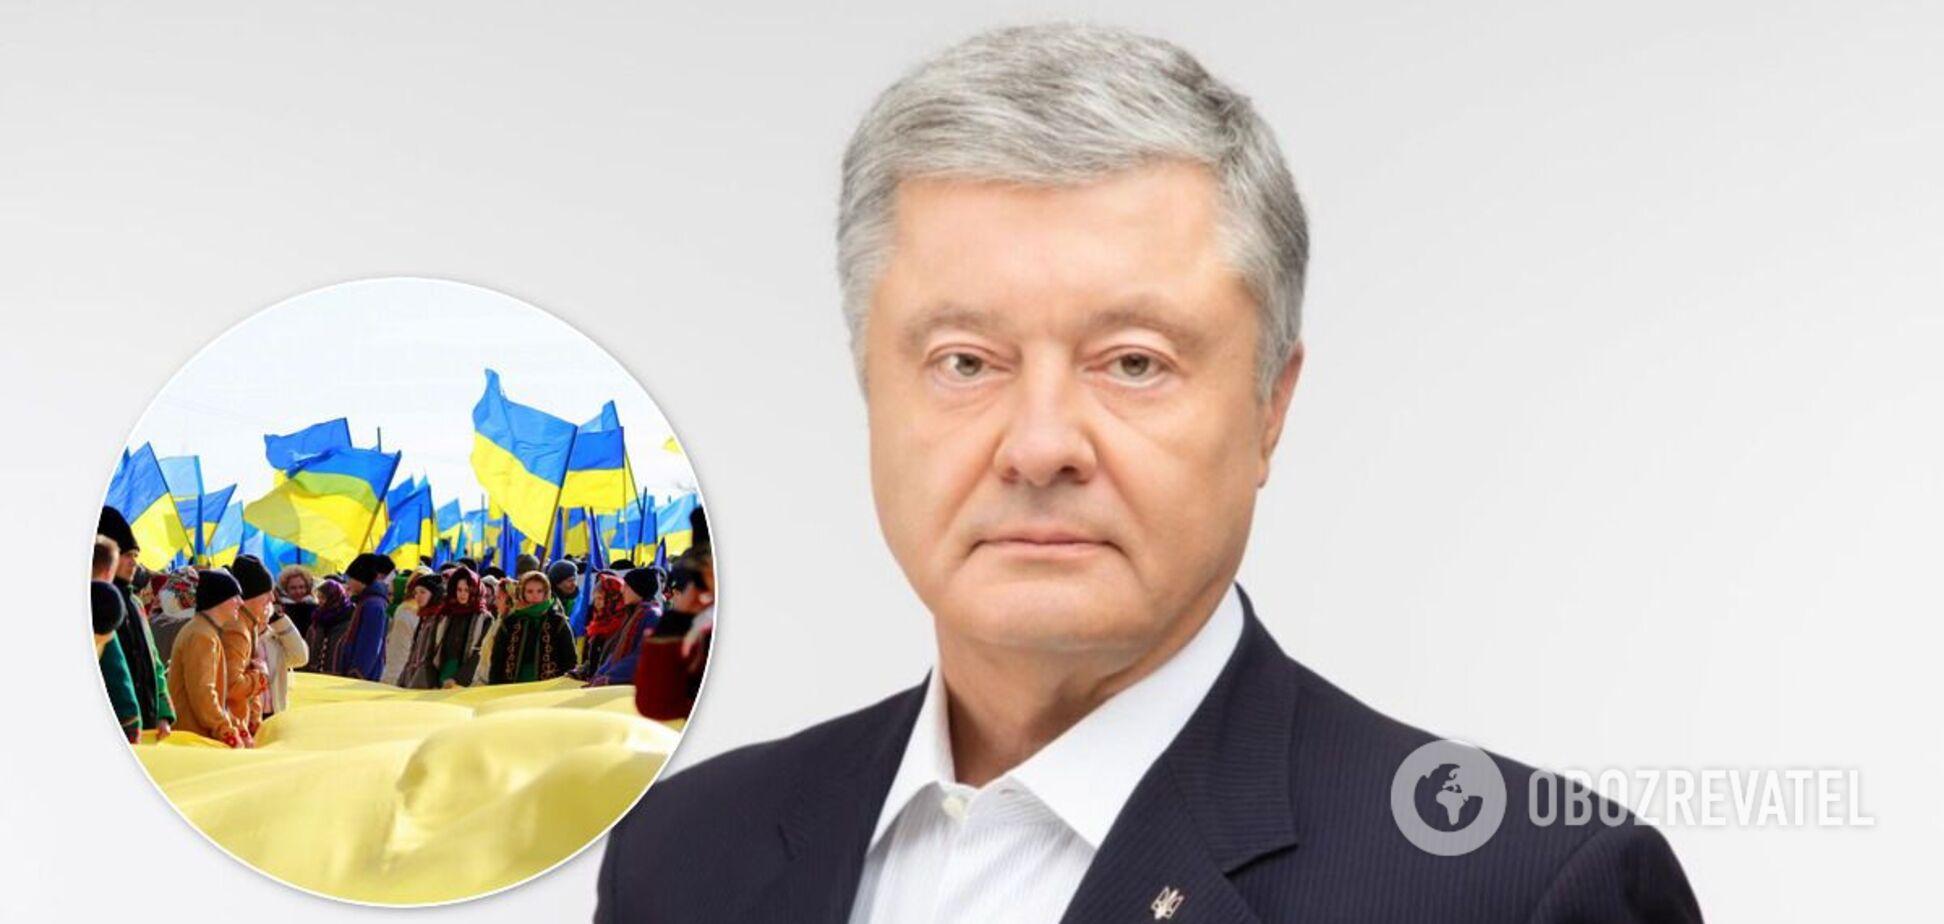 Порошенко у День Соборності закликав тиснути на РФ,доки не будуть звільнені українські землі